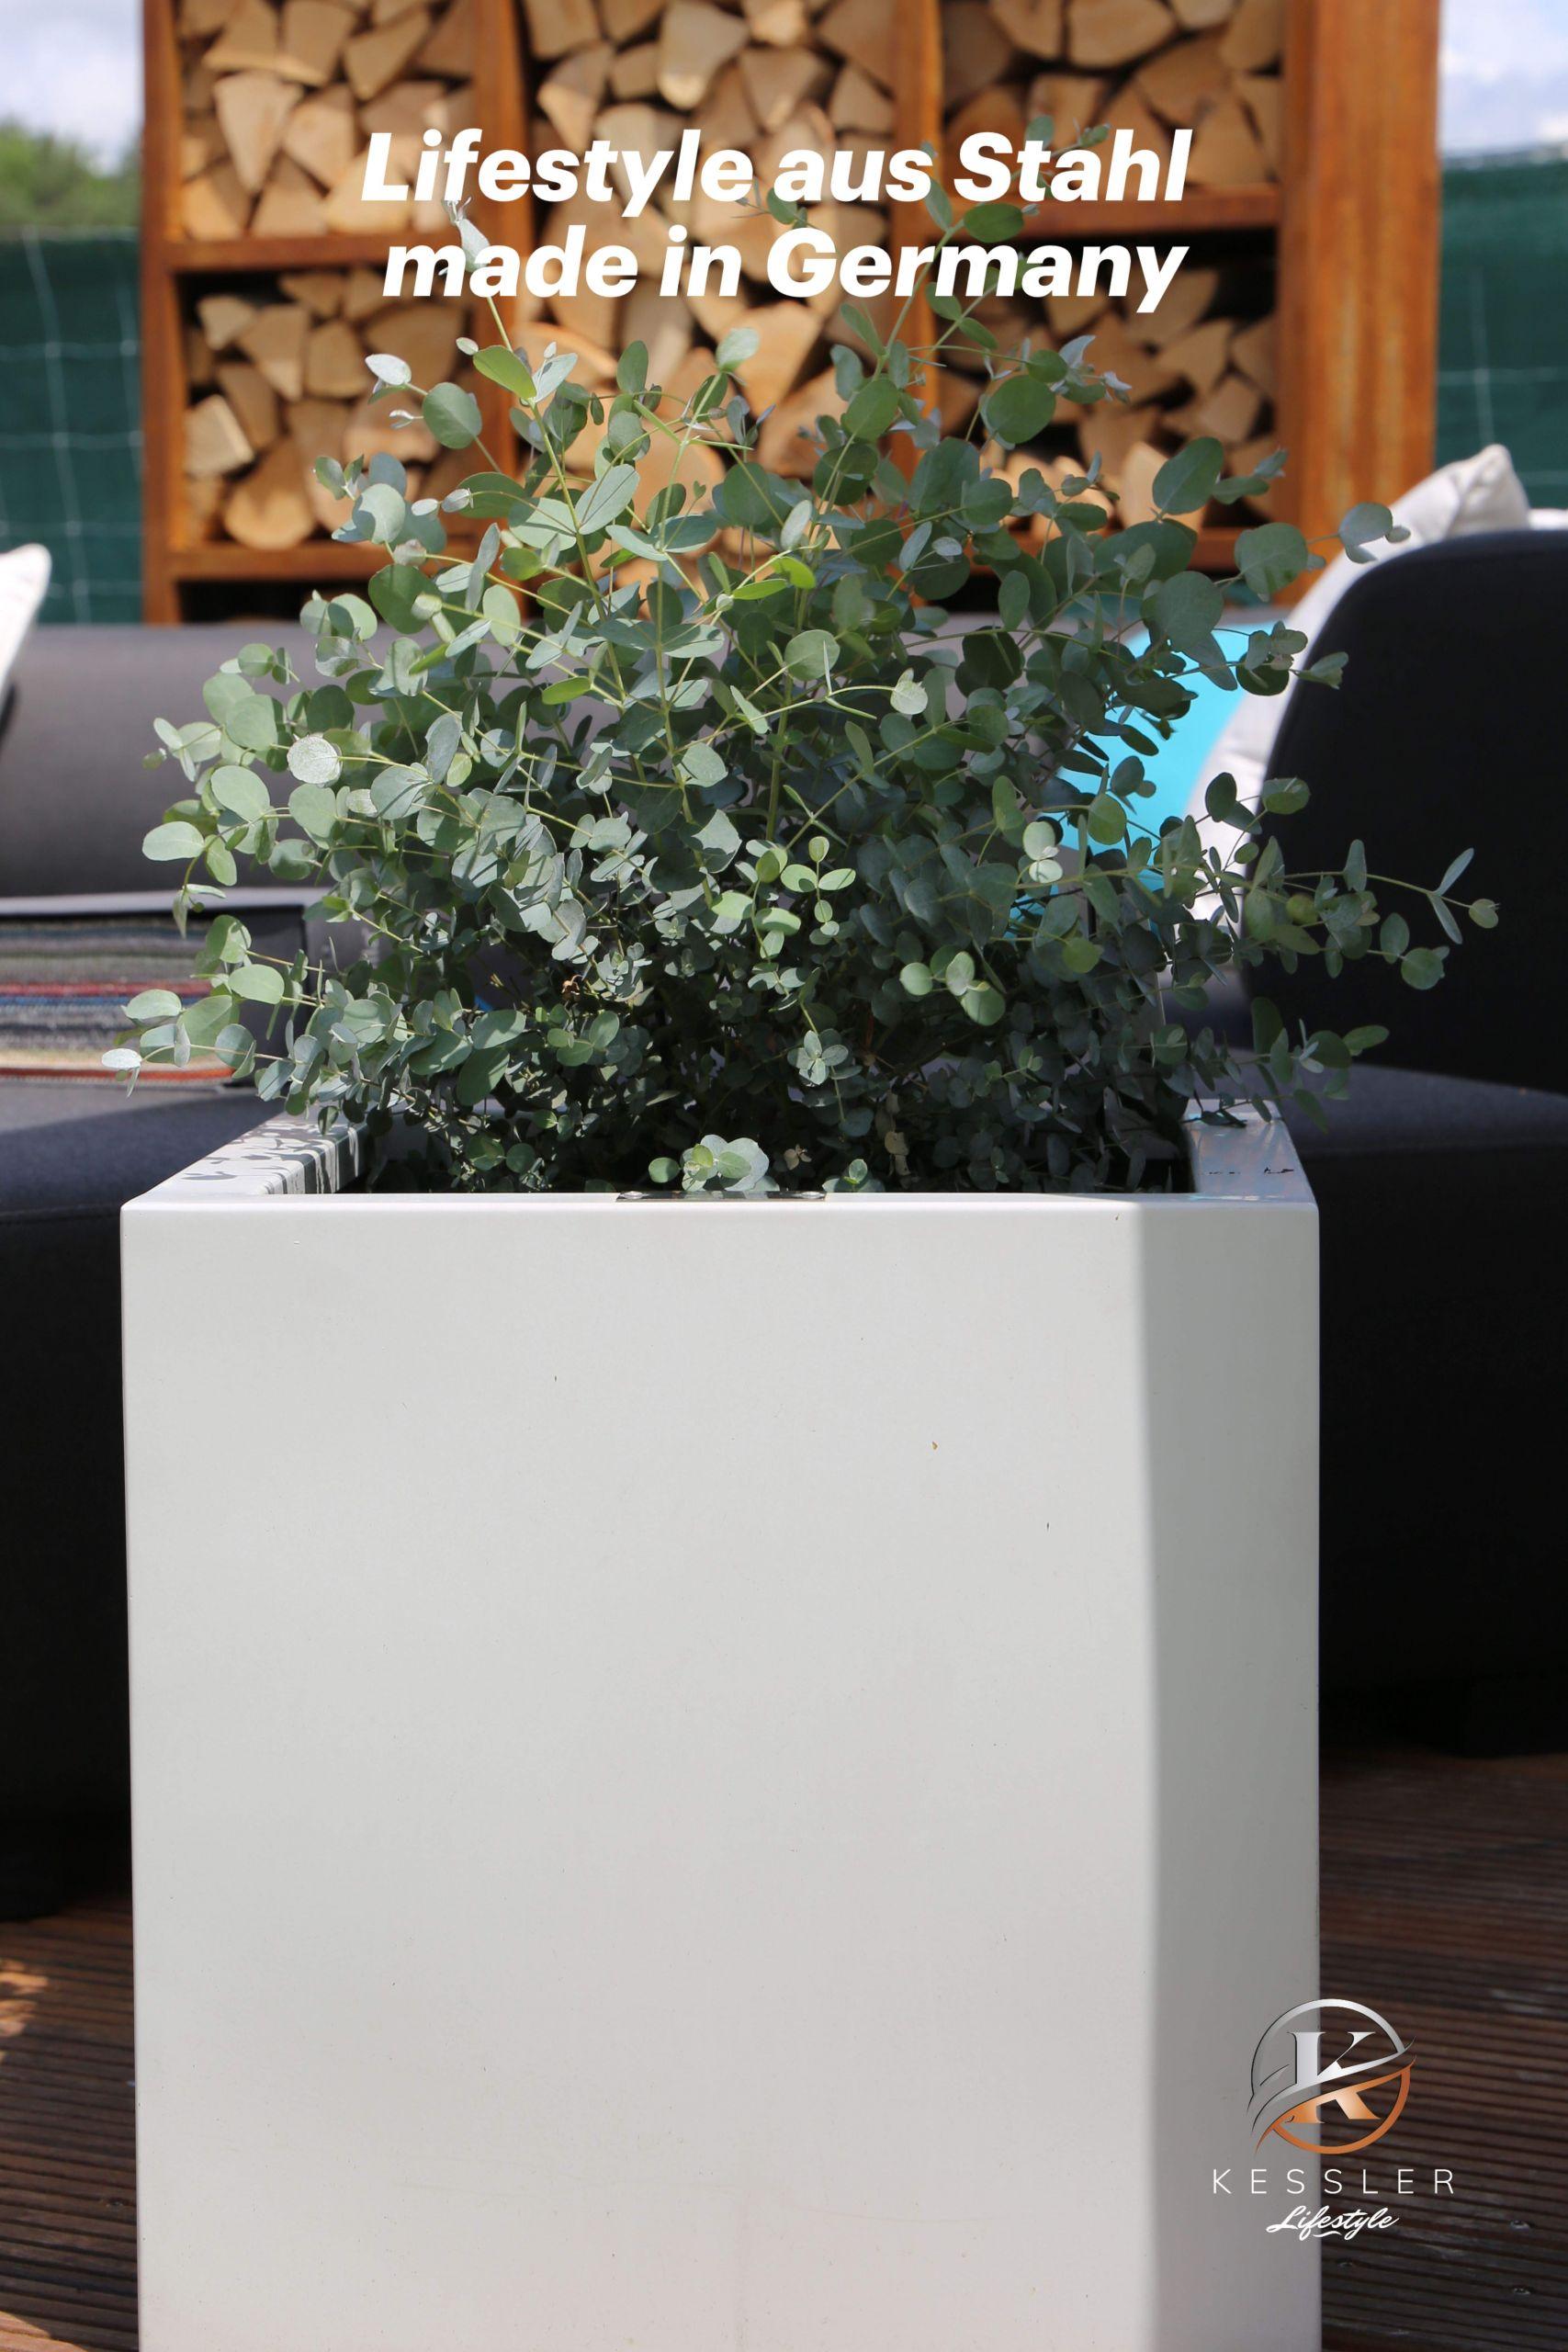 Deko Garten Edelstahl Genial Lifestyle Pflanzkübel In Allen Variationen Aus Rostfreiem